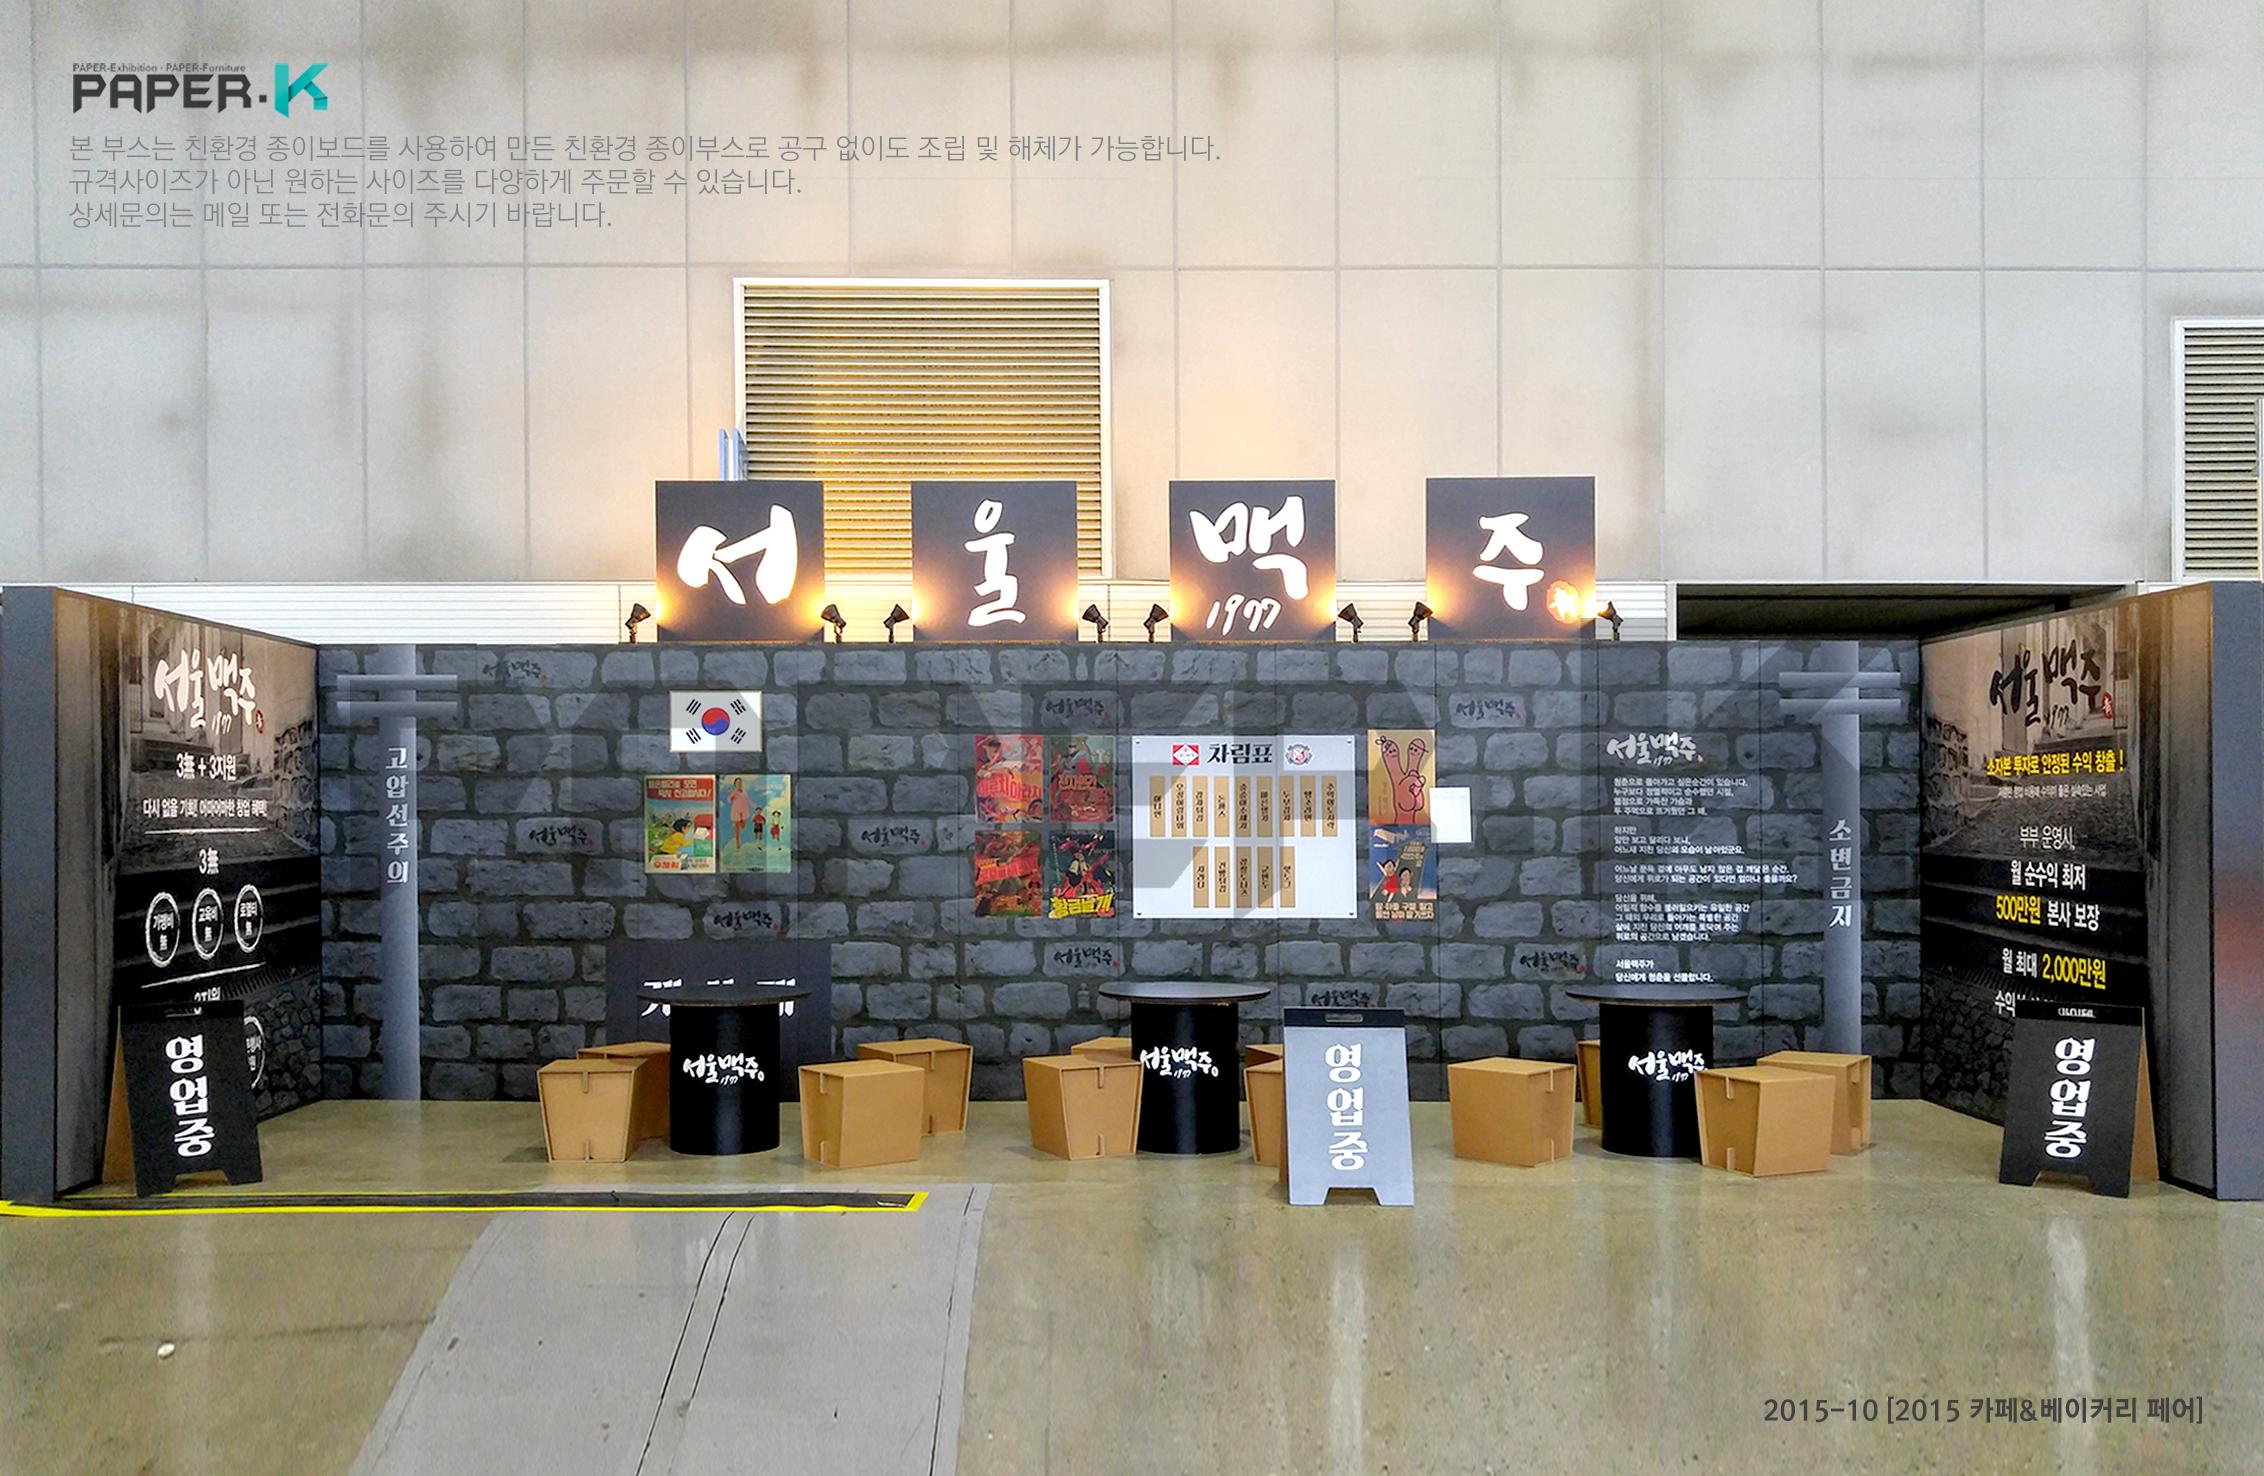 2015-10 카페 베이커리 페어(서울맥주)